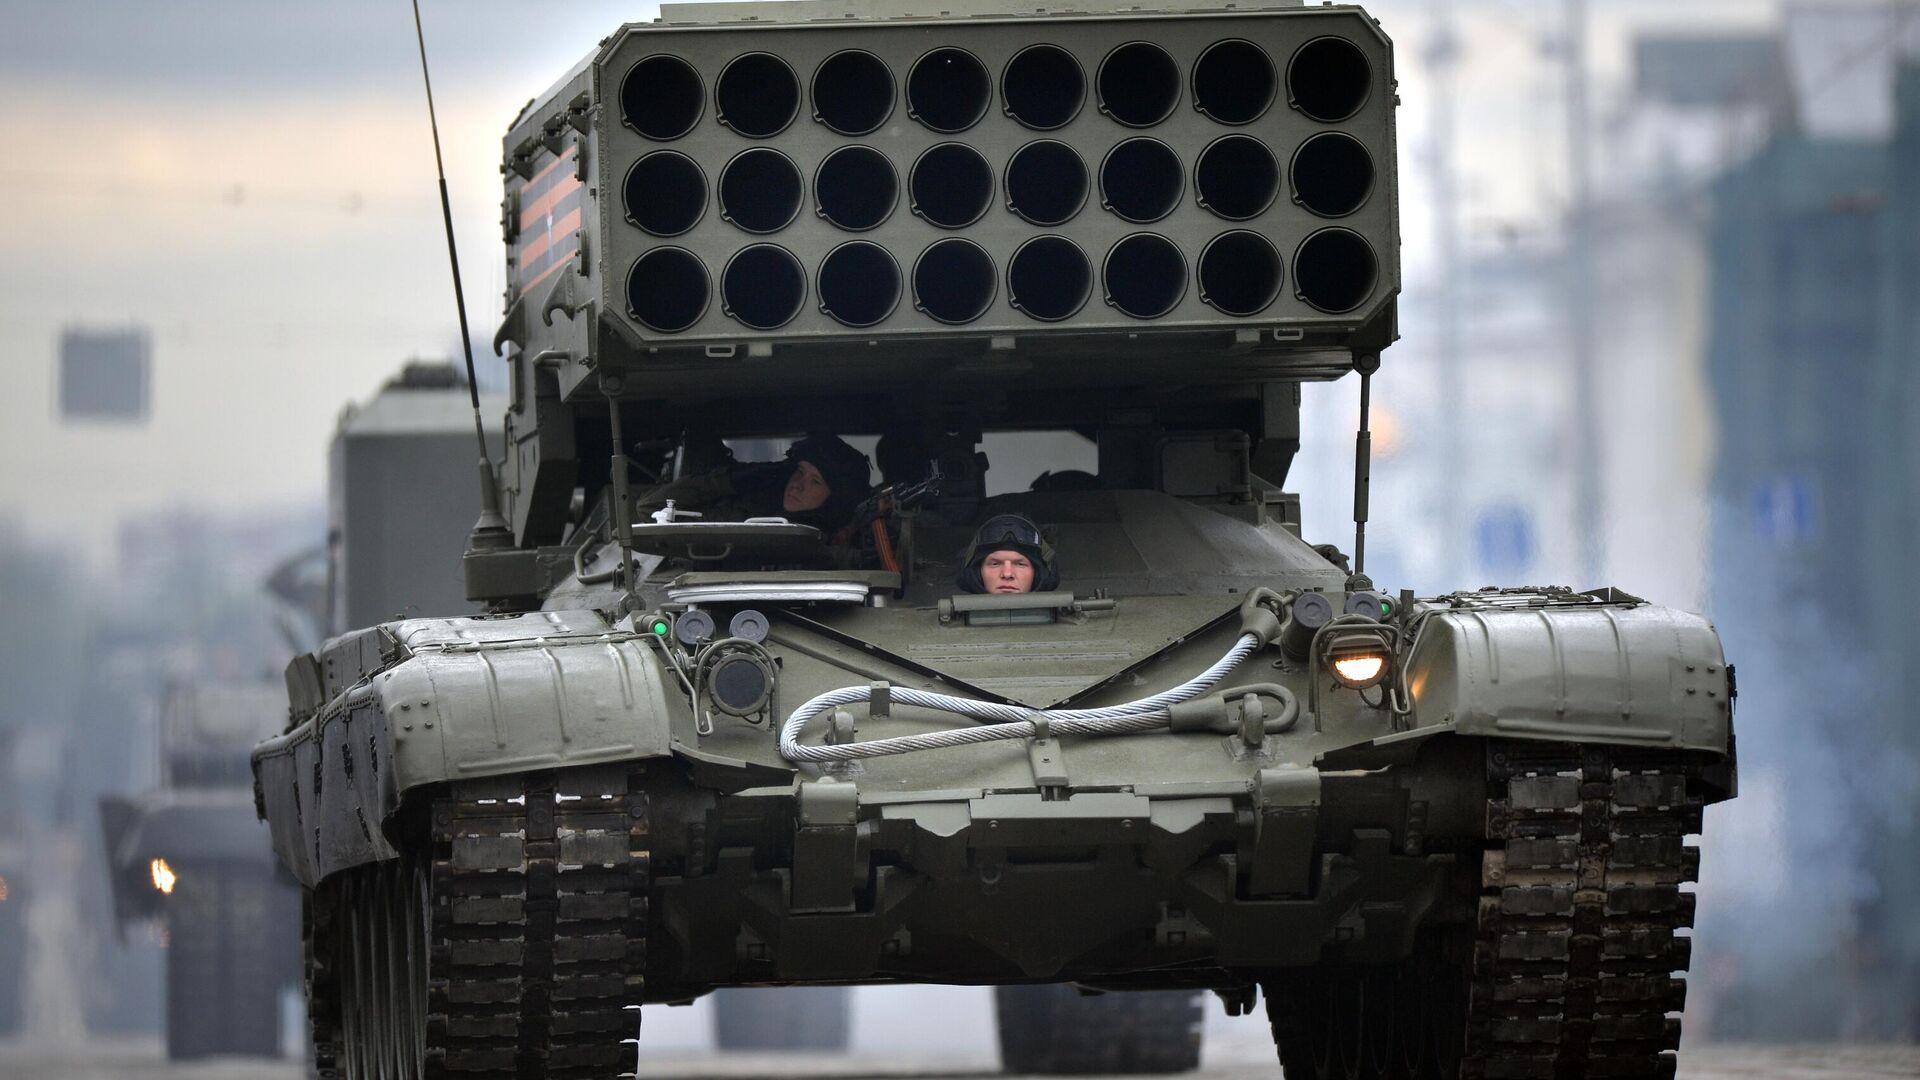 Тяжёлая огнемётная система залпового огня Буратино (ТОС -1А) на базе танка Т-72 во время военного парада в ознаменование 75-летия Победы в Великой Отечественной войне 1941-1945 годов - РИА Новости, 1920, 03.06.2021